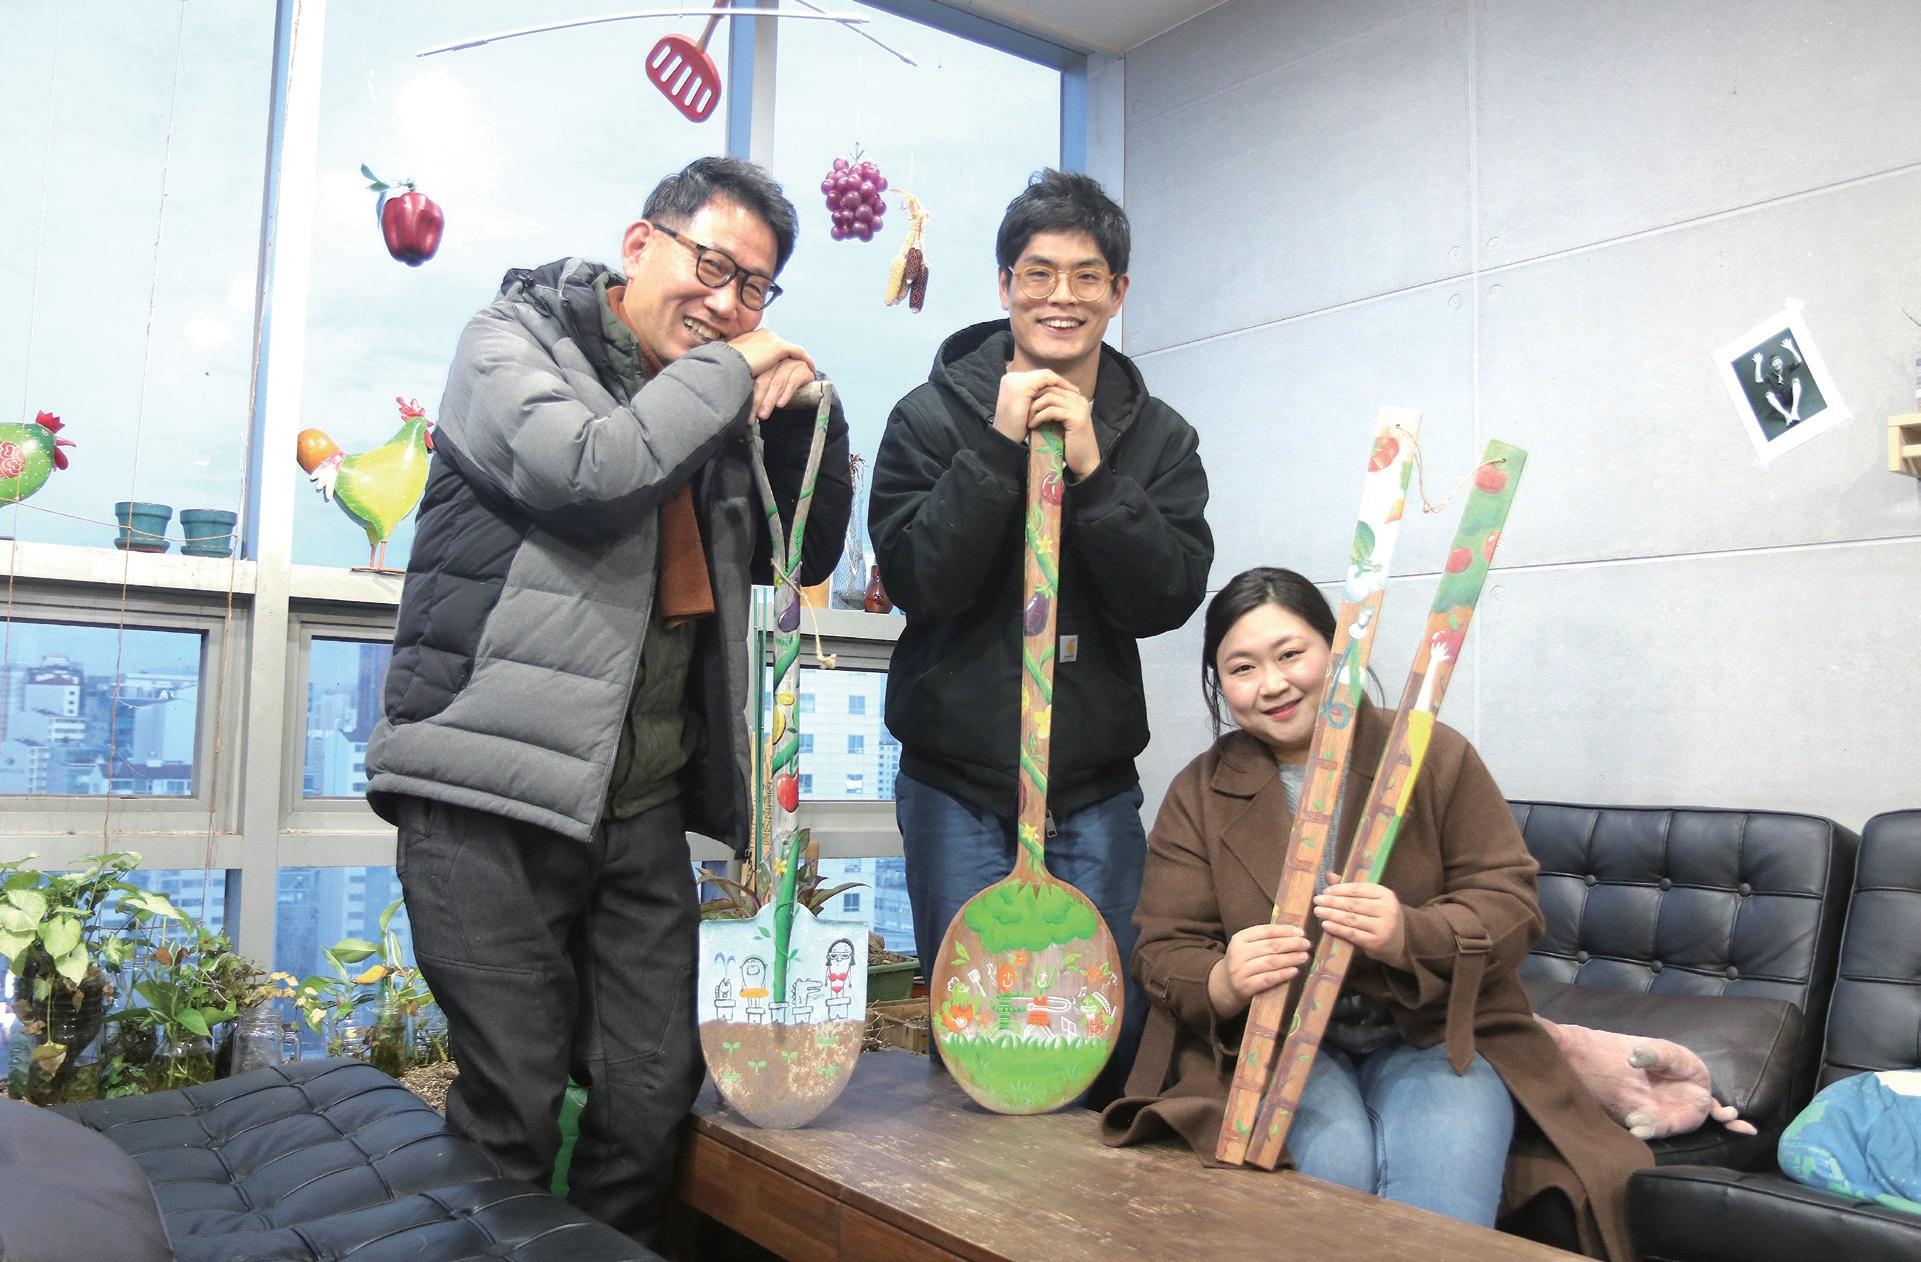 농촌과 먹거리를 상징하는 삽, 숟가락, 젓가락에 알록달록 색을 입혔다. 홍천기 대표(왼쪽부터), 홍서웅 팀장, 장은비 씨.